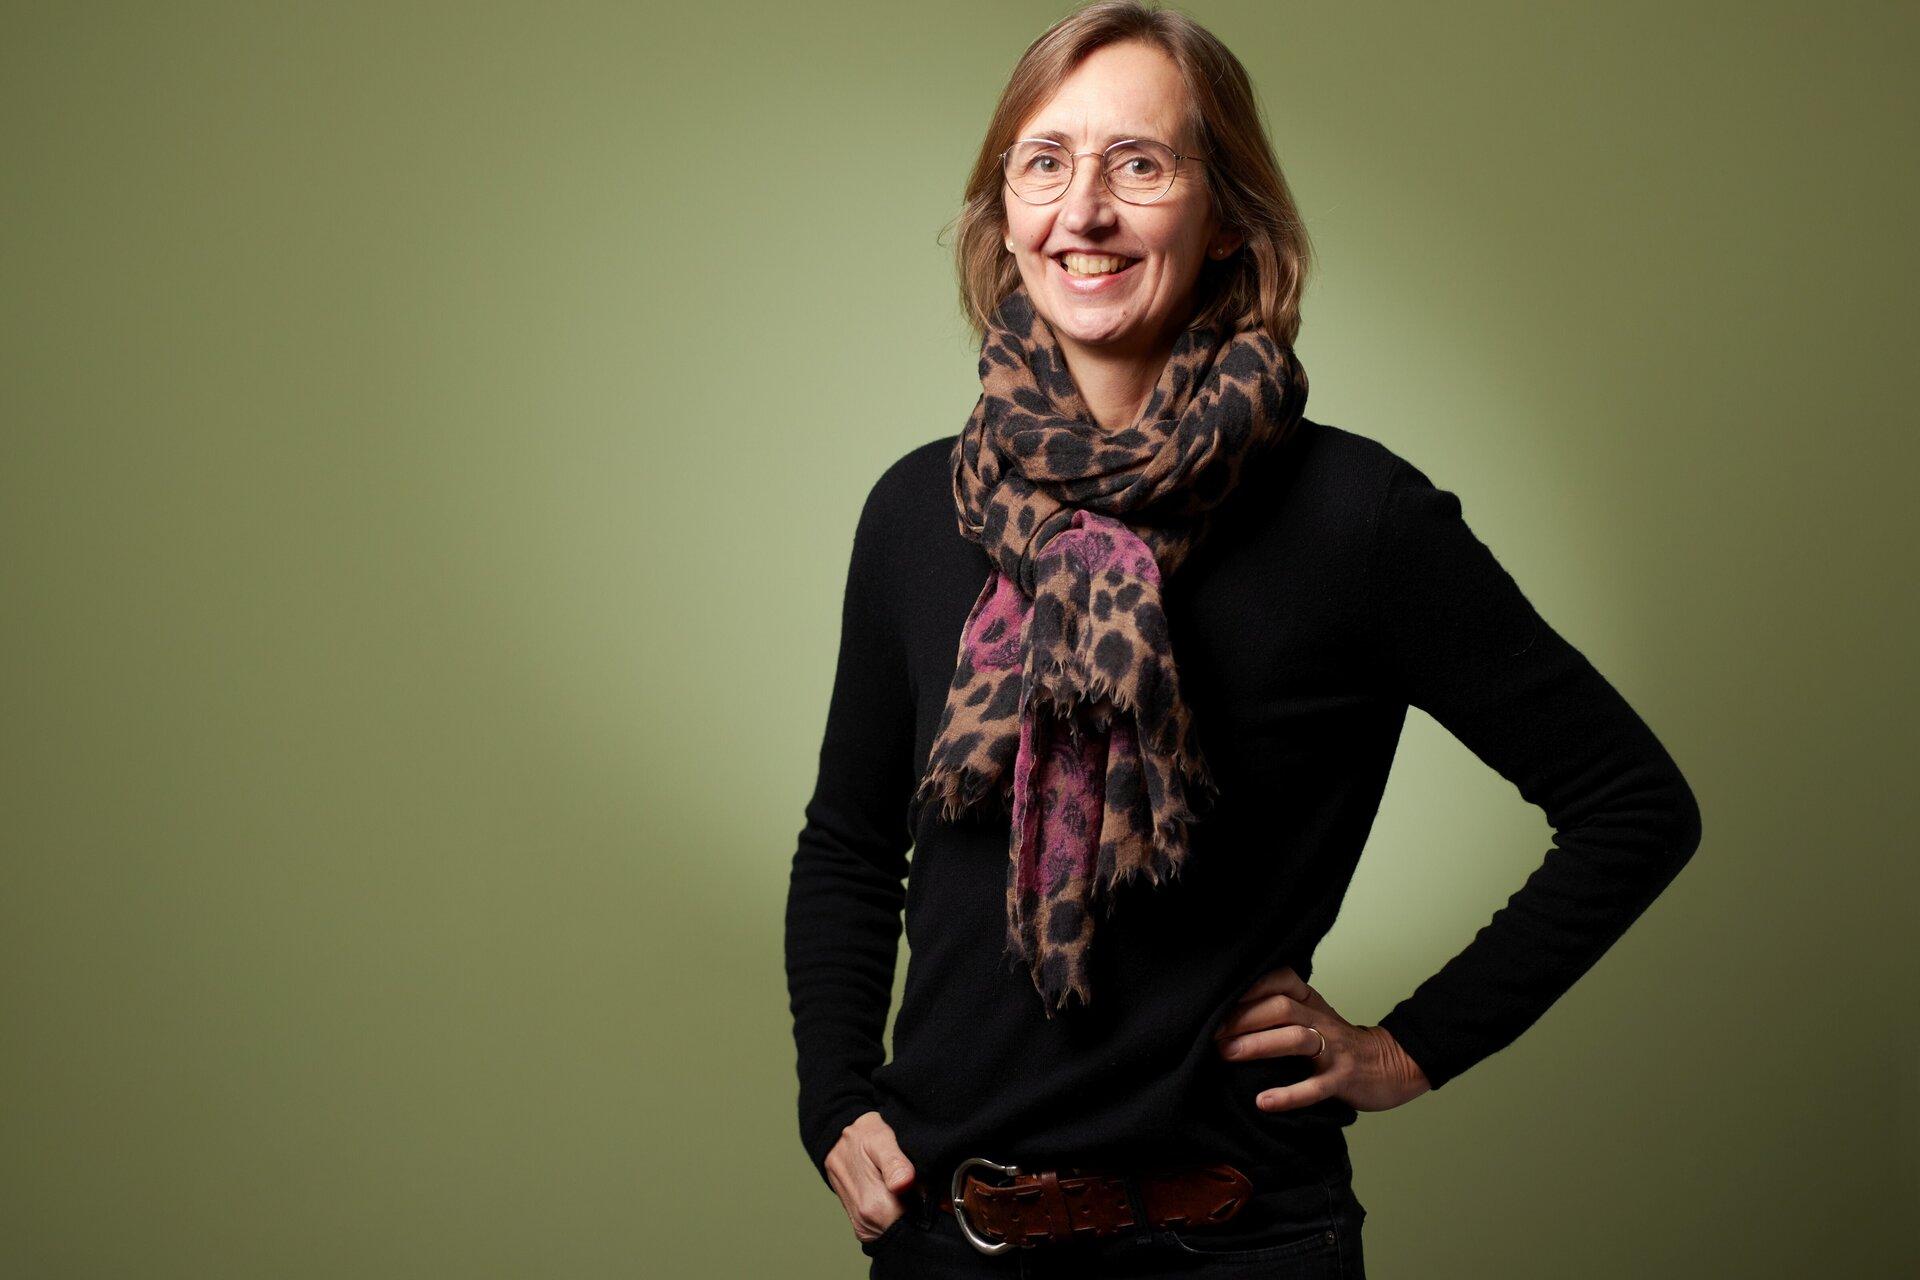 Anke Gehrke